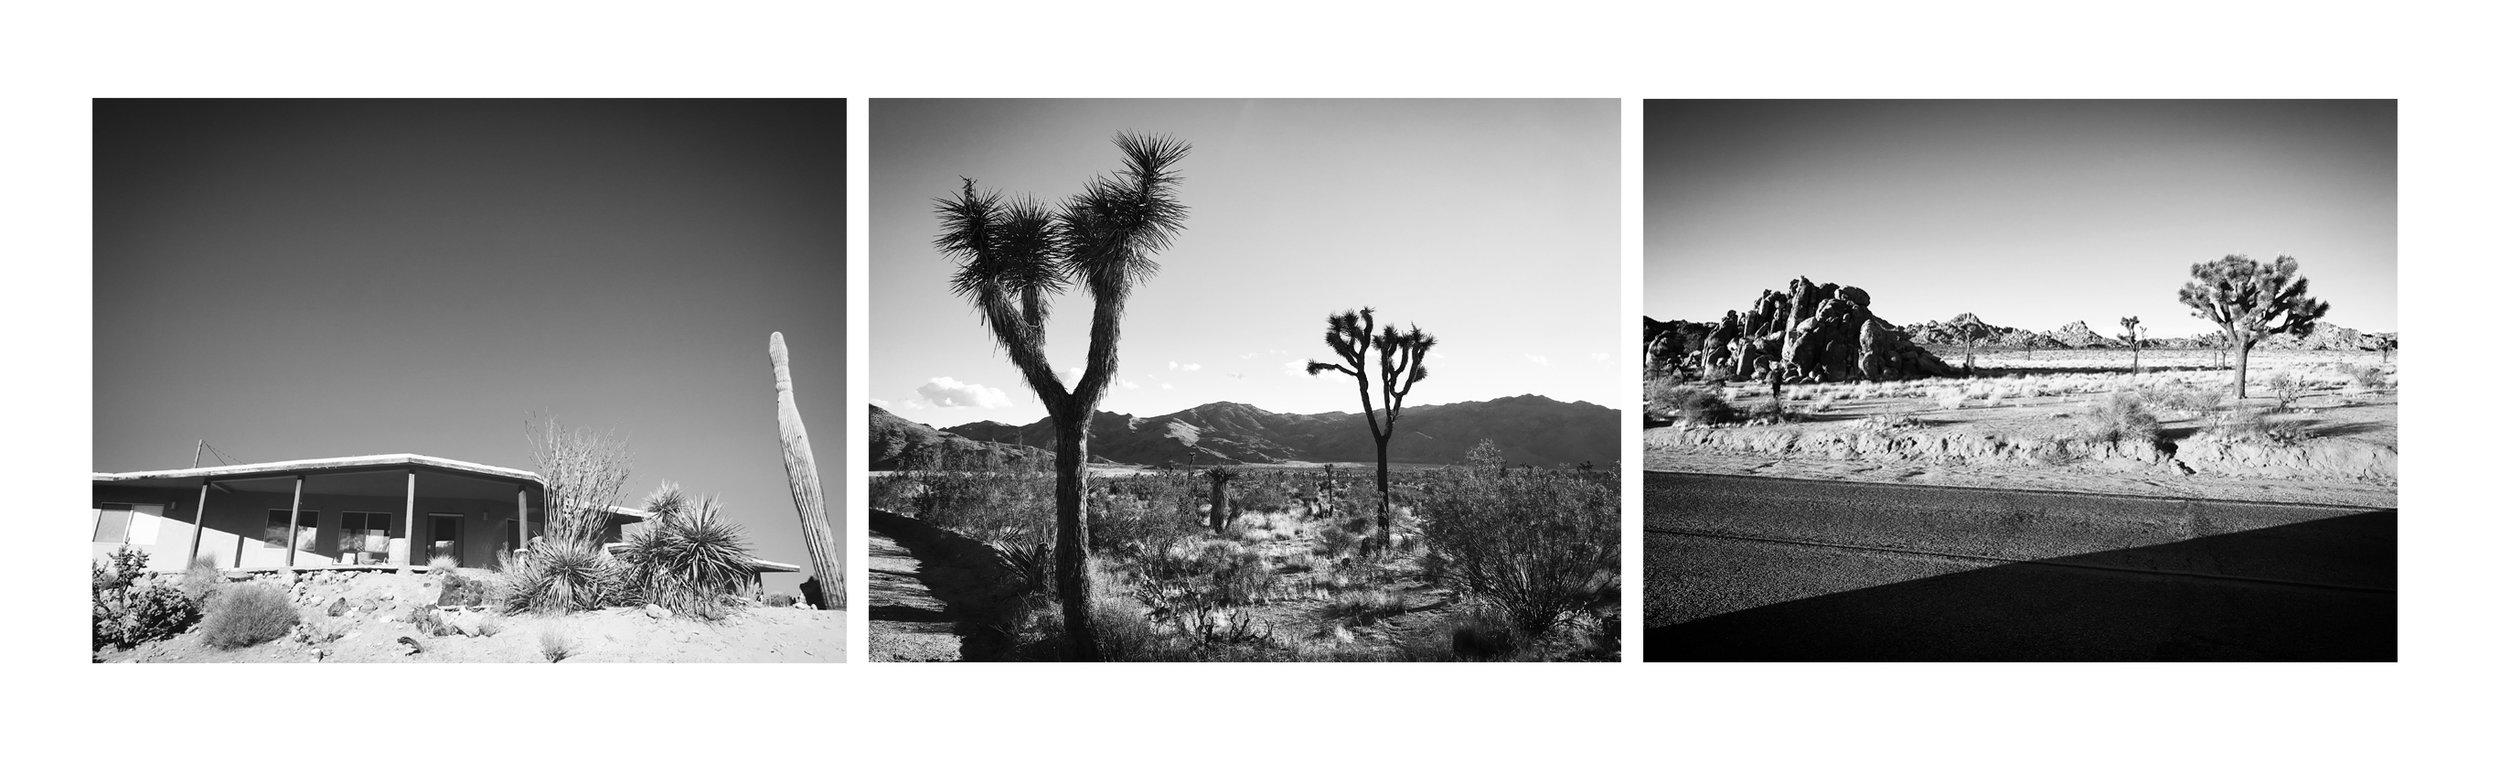 cactus arrnage1.jpg